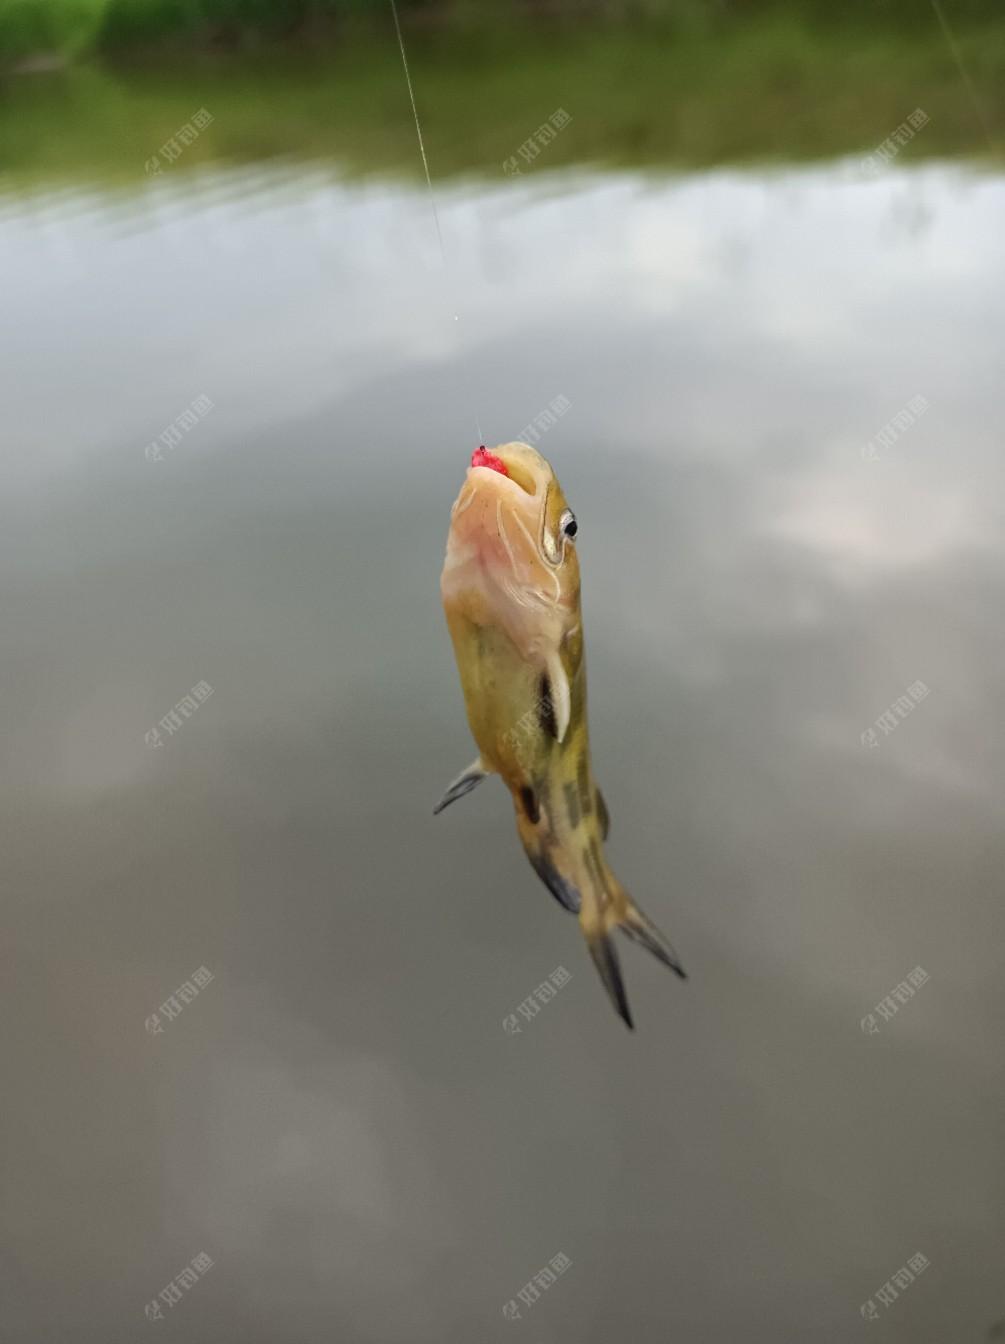 第二尾黄鸭叫